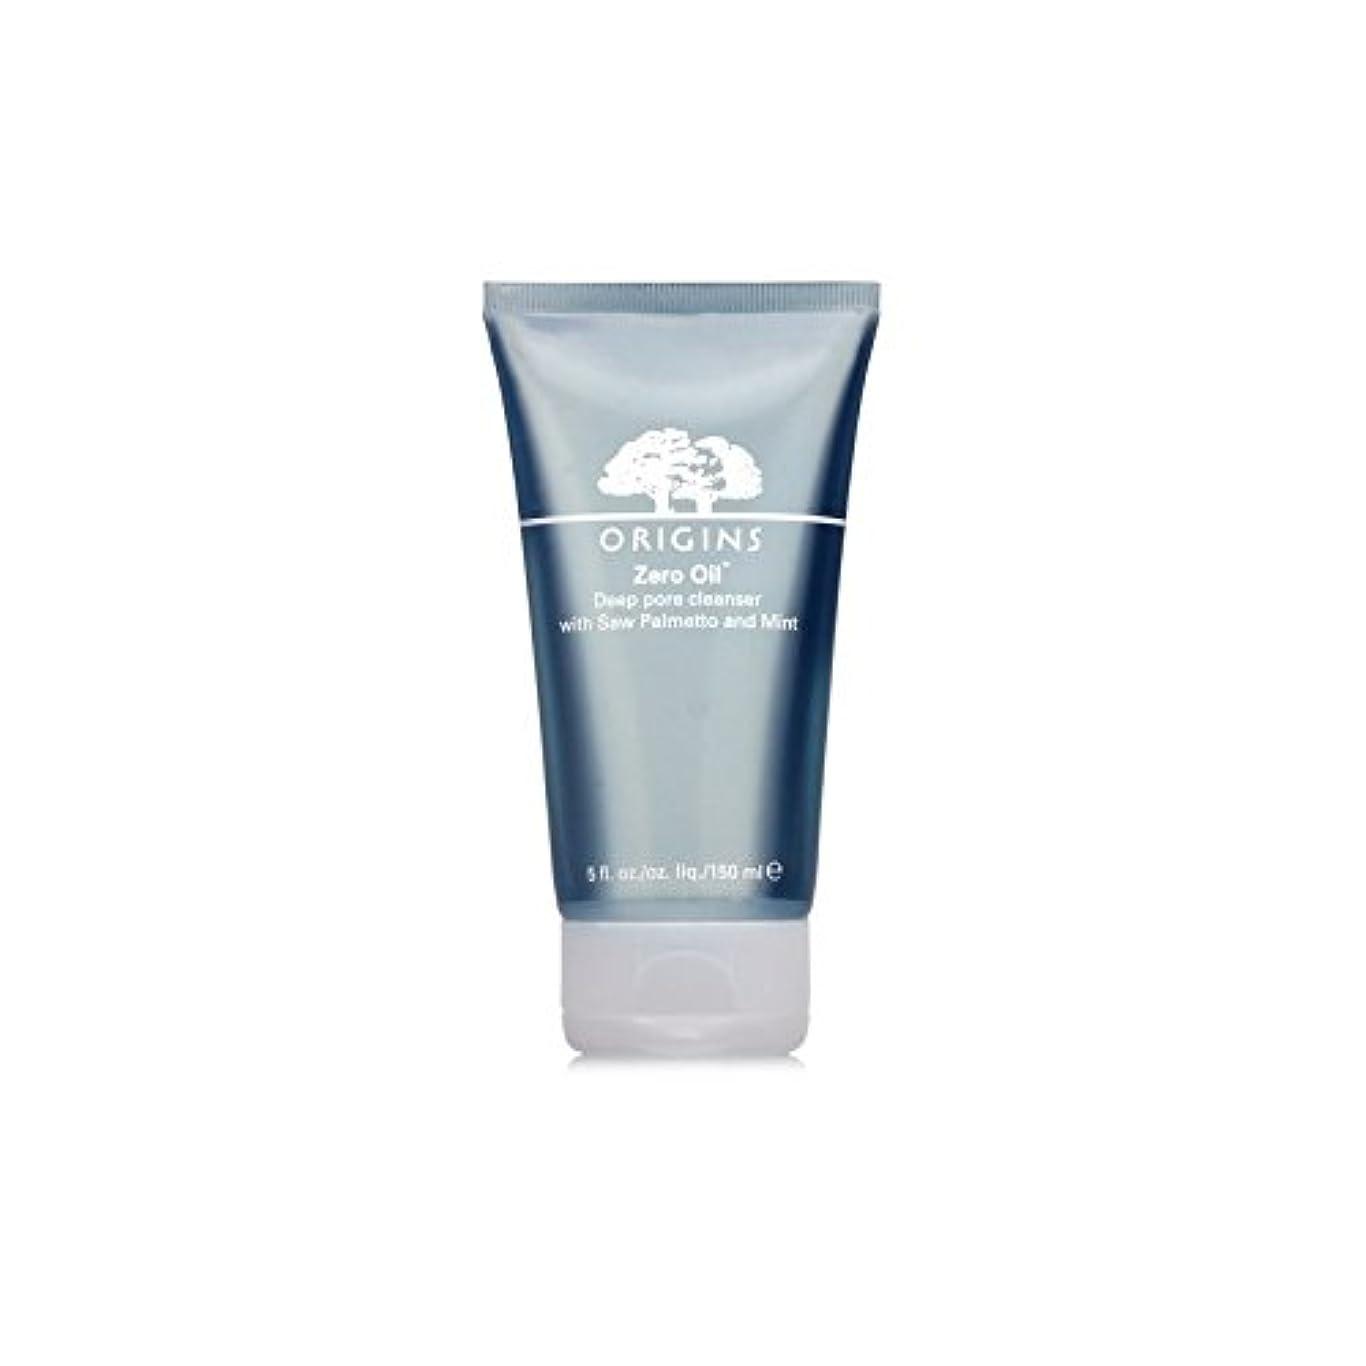 広がり特別なナラーバーOrigins Zero Oil Deep Pore Cleanser With Saw Palmetto & Mint 150ml (Pack of 6) - ノコギリヤシ&ミント150ミリリットルとの起源ゼロ油深いポアクレンザー x6 [並行輸入品]